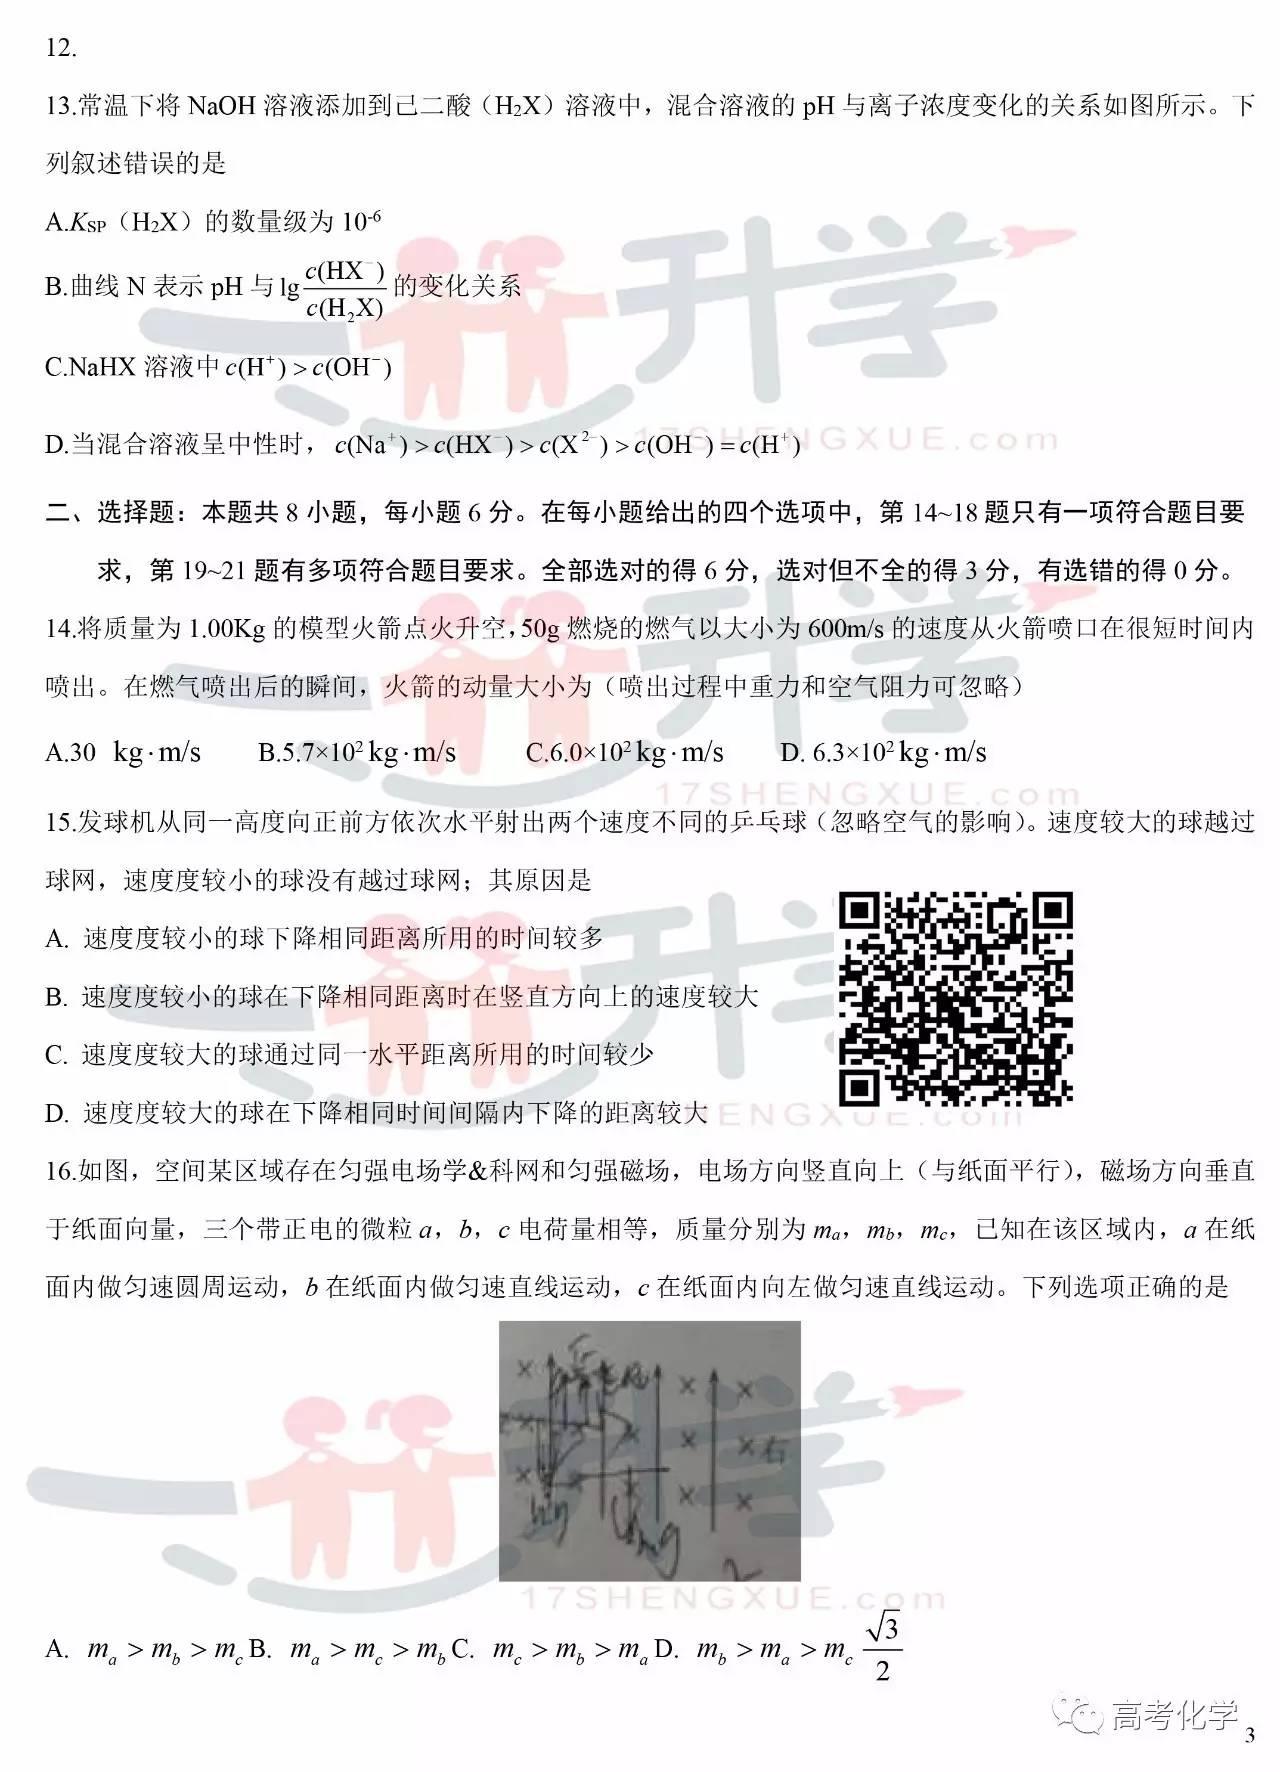 2017年高考全国Ⅰ卷理综真题及答案图片